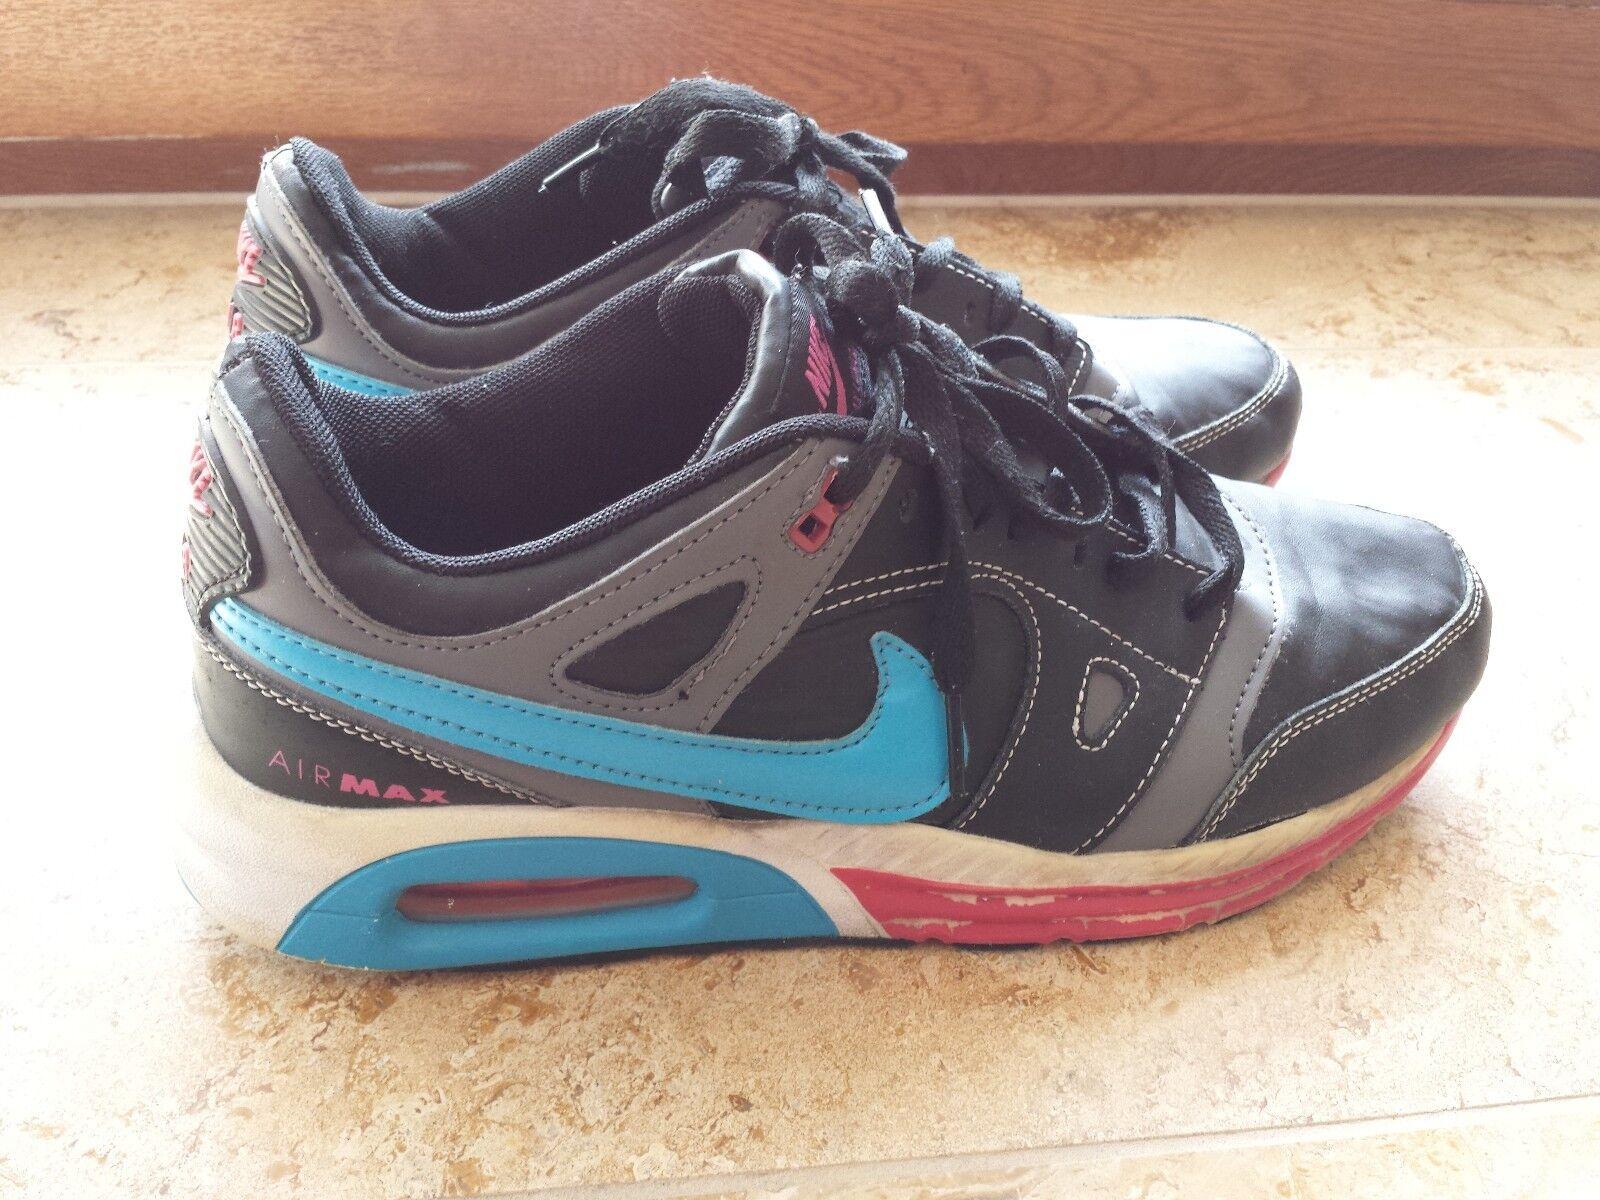 Nike Air Max Lunar Gr.45 US 11 UK 10 schwarz Turnschuhe Turnschuhe Sportschuhe